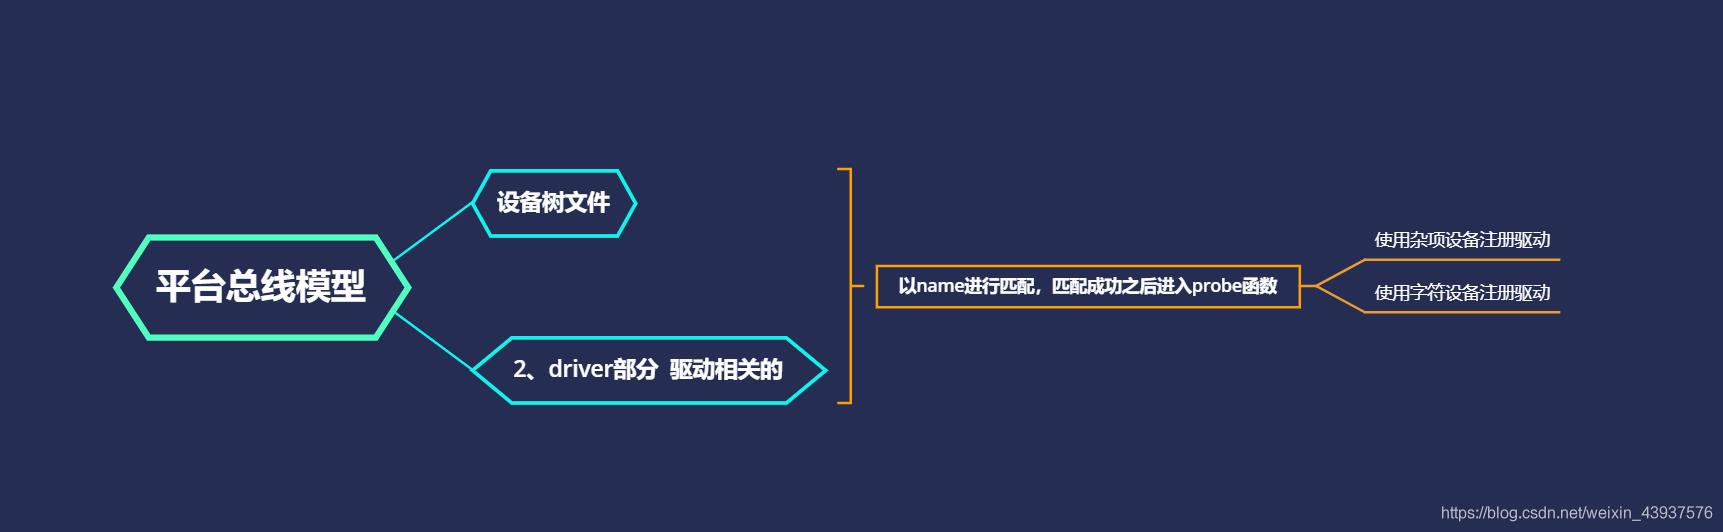 [外链图片转存失败,源站可能有防盗链机制,建议将图片保存下来直接上传(img-g7g2a2oA-1619336495811)(linux驱动.assets/image-20210415143715131.png)]